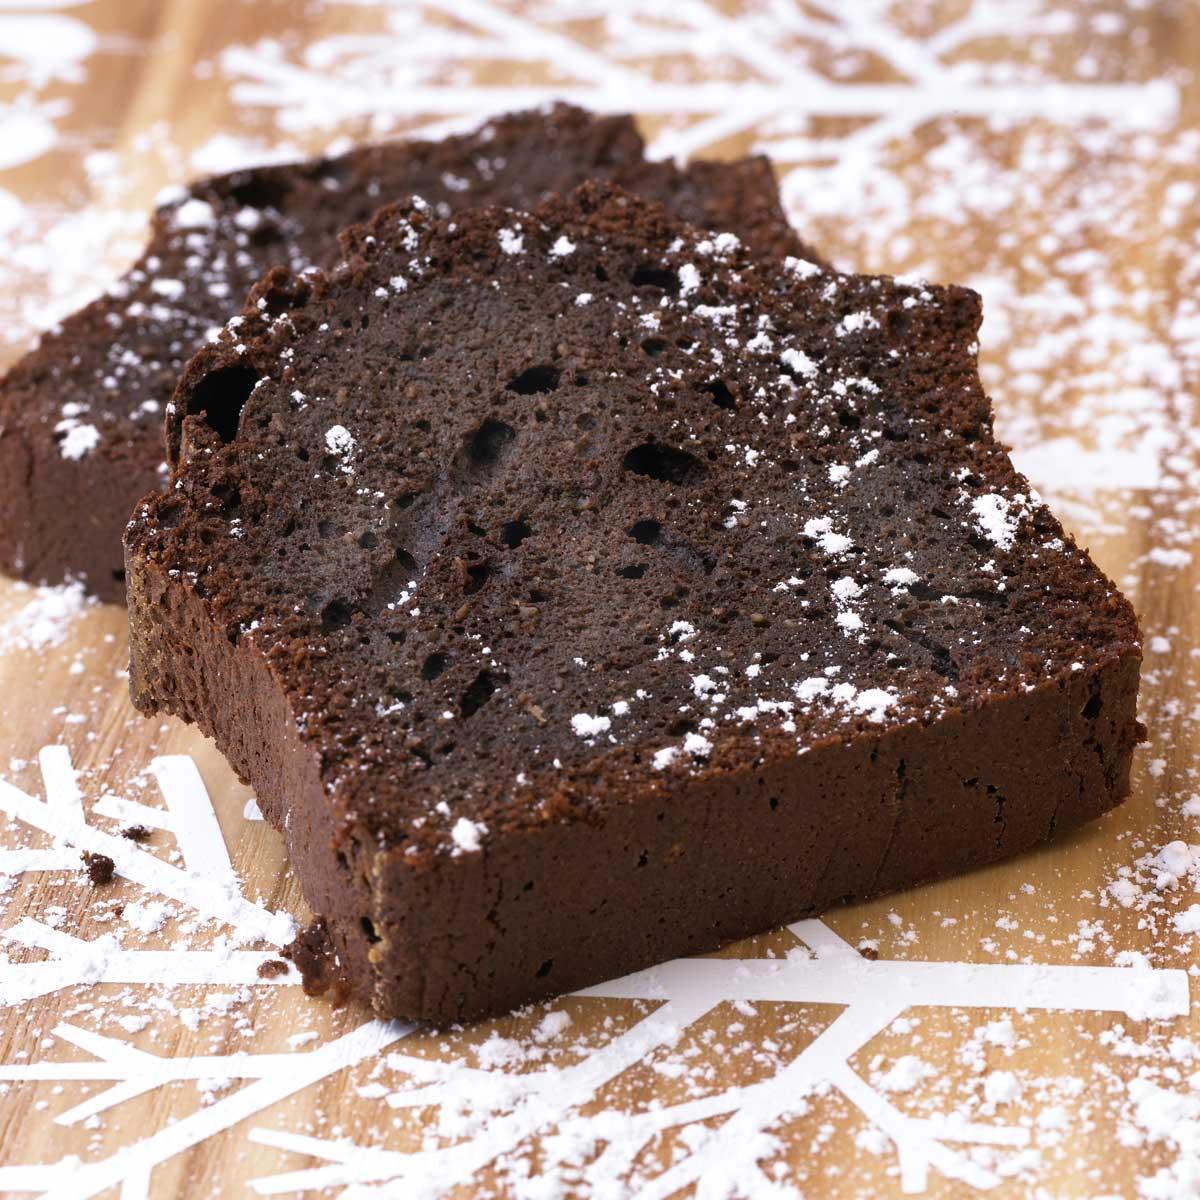 recette g teau au chocolat et beurre parfum mandarine. Black Bedroom Furniture Sets. Home Design Ideas